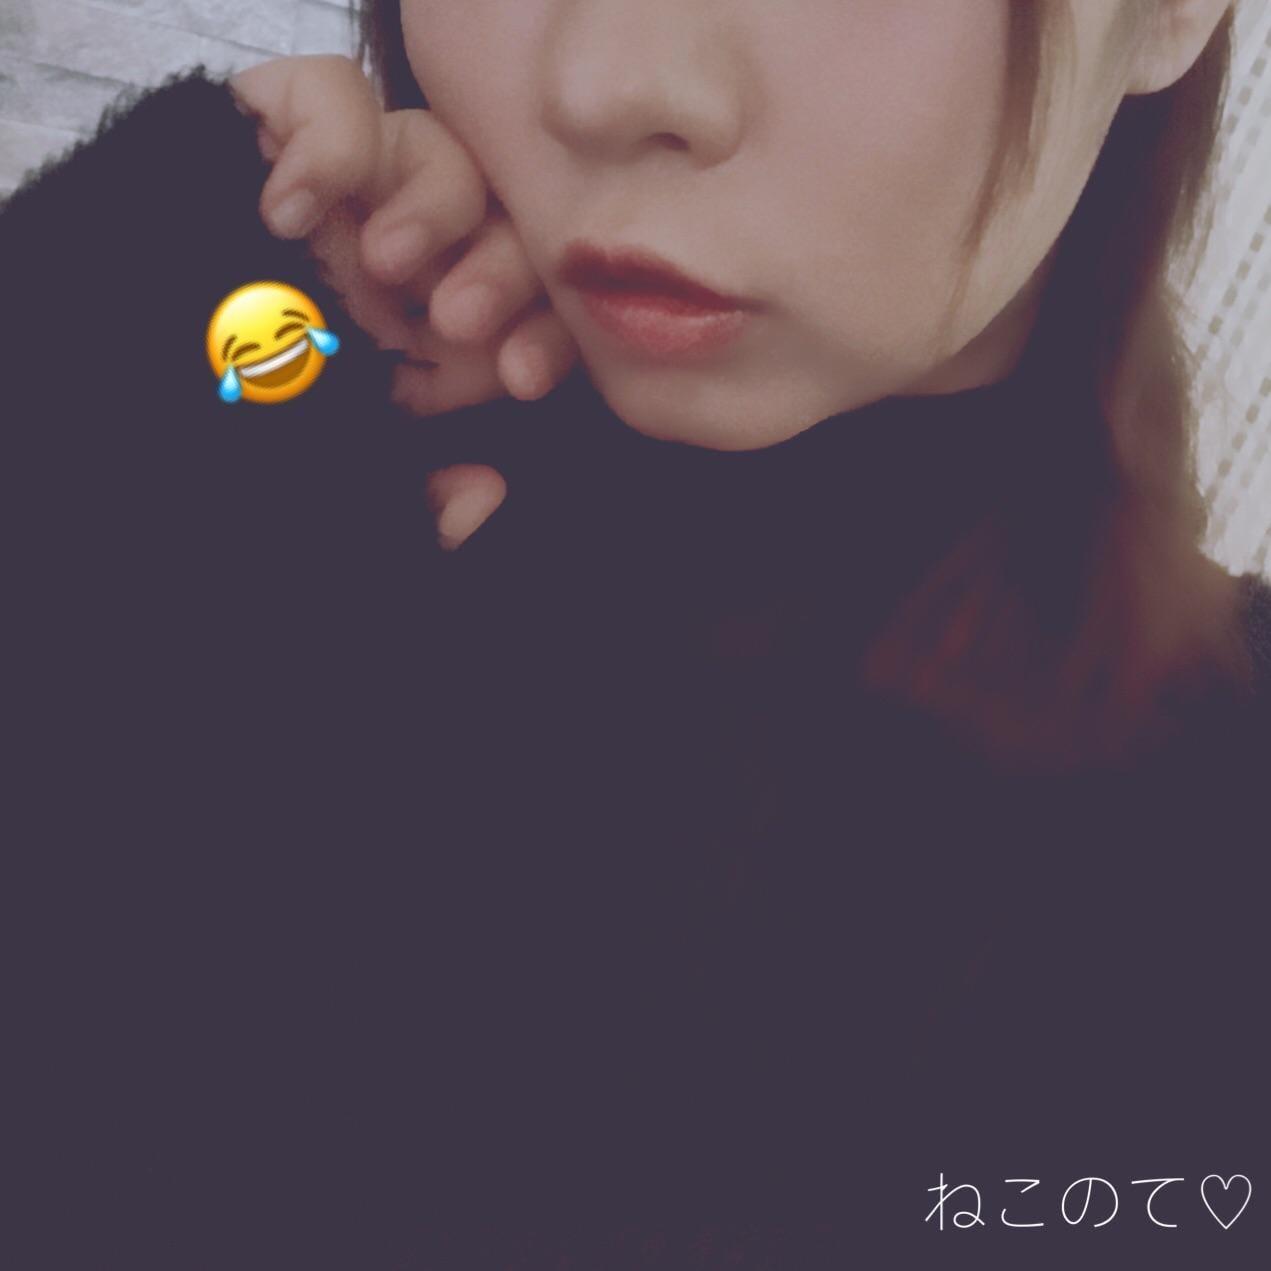 「シュッキヌ」11/20(火) 14:28 | さきちゃんの写メ・風俗動画